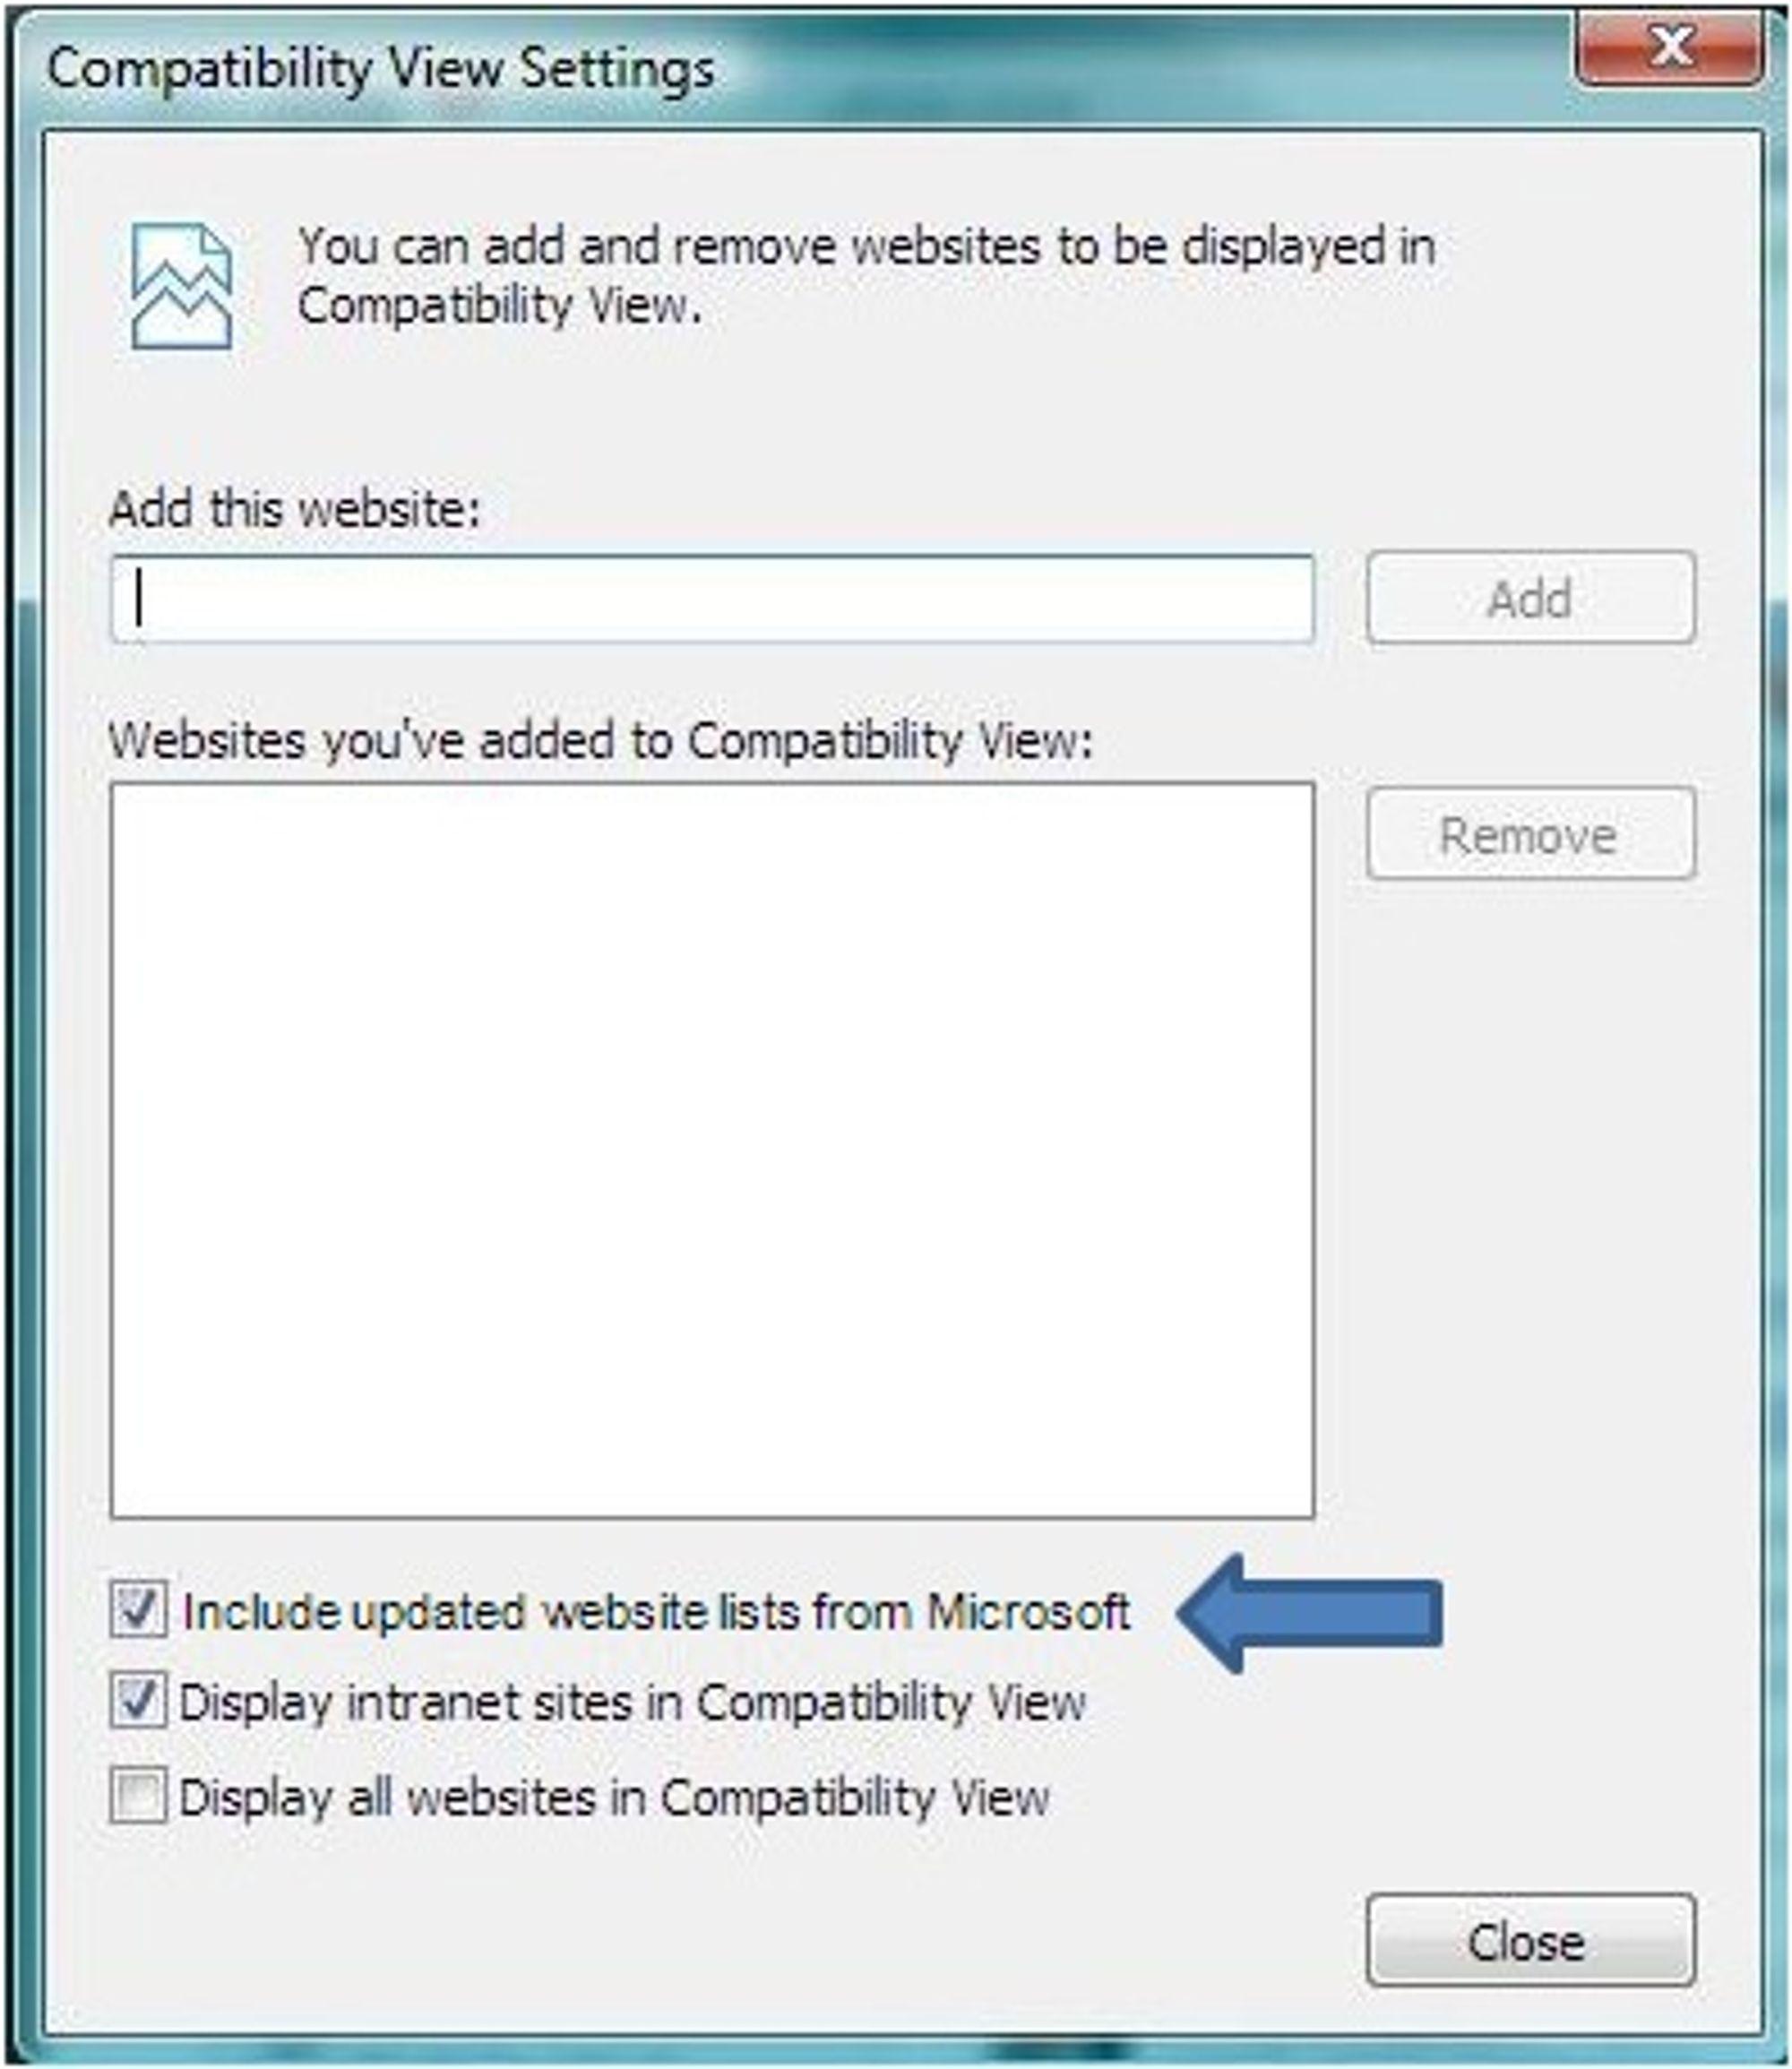 Brukerne vil blant annet kunne lage sin egen liste over nettsteder som skal vises i kompatibilitetsmodus og velge om Microsofts liste skal brukes (i tillegg).